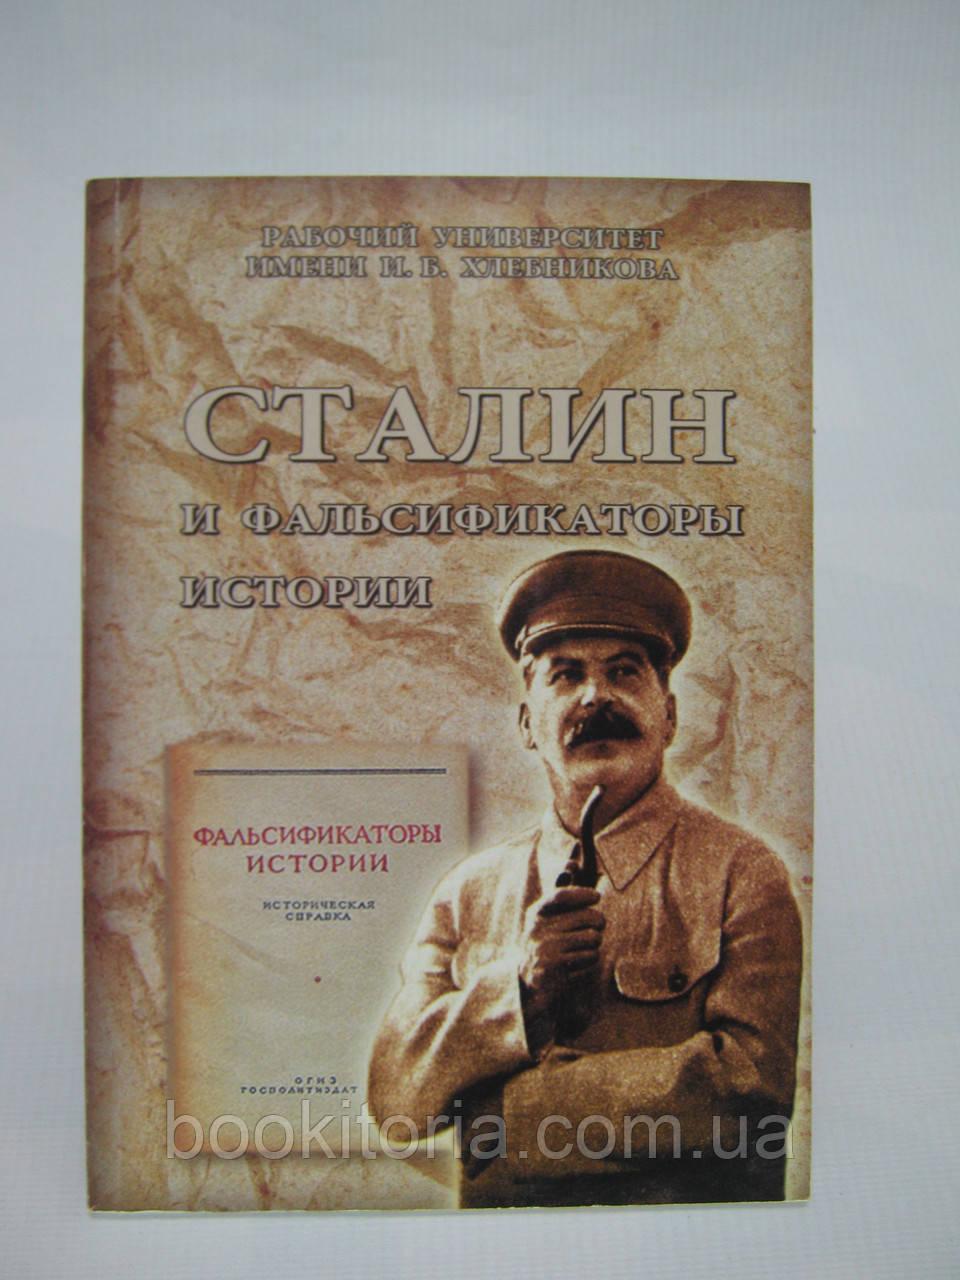 Сталин и «фальсификаторы истории» (б/у).